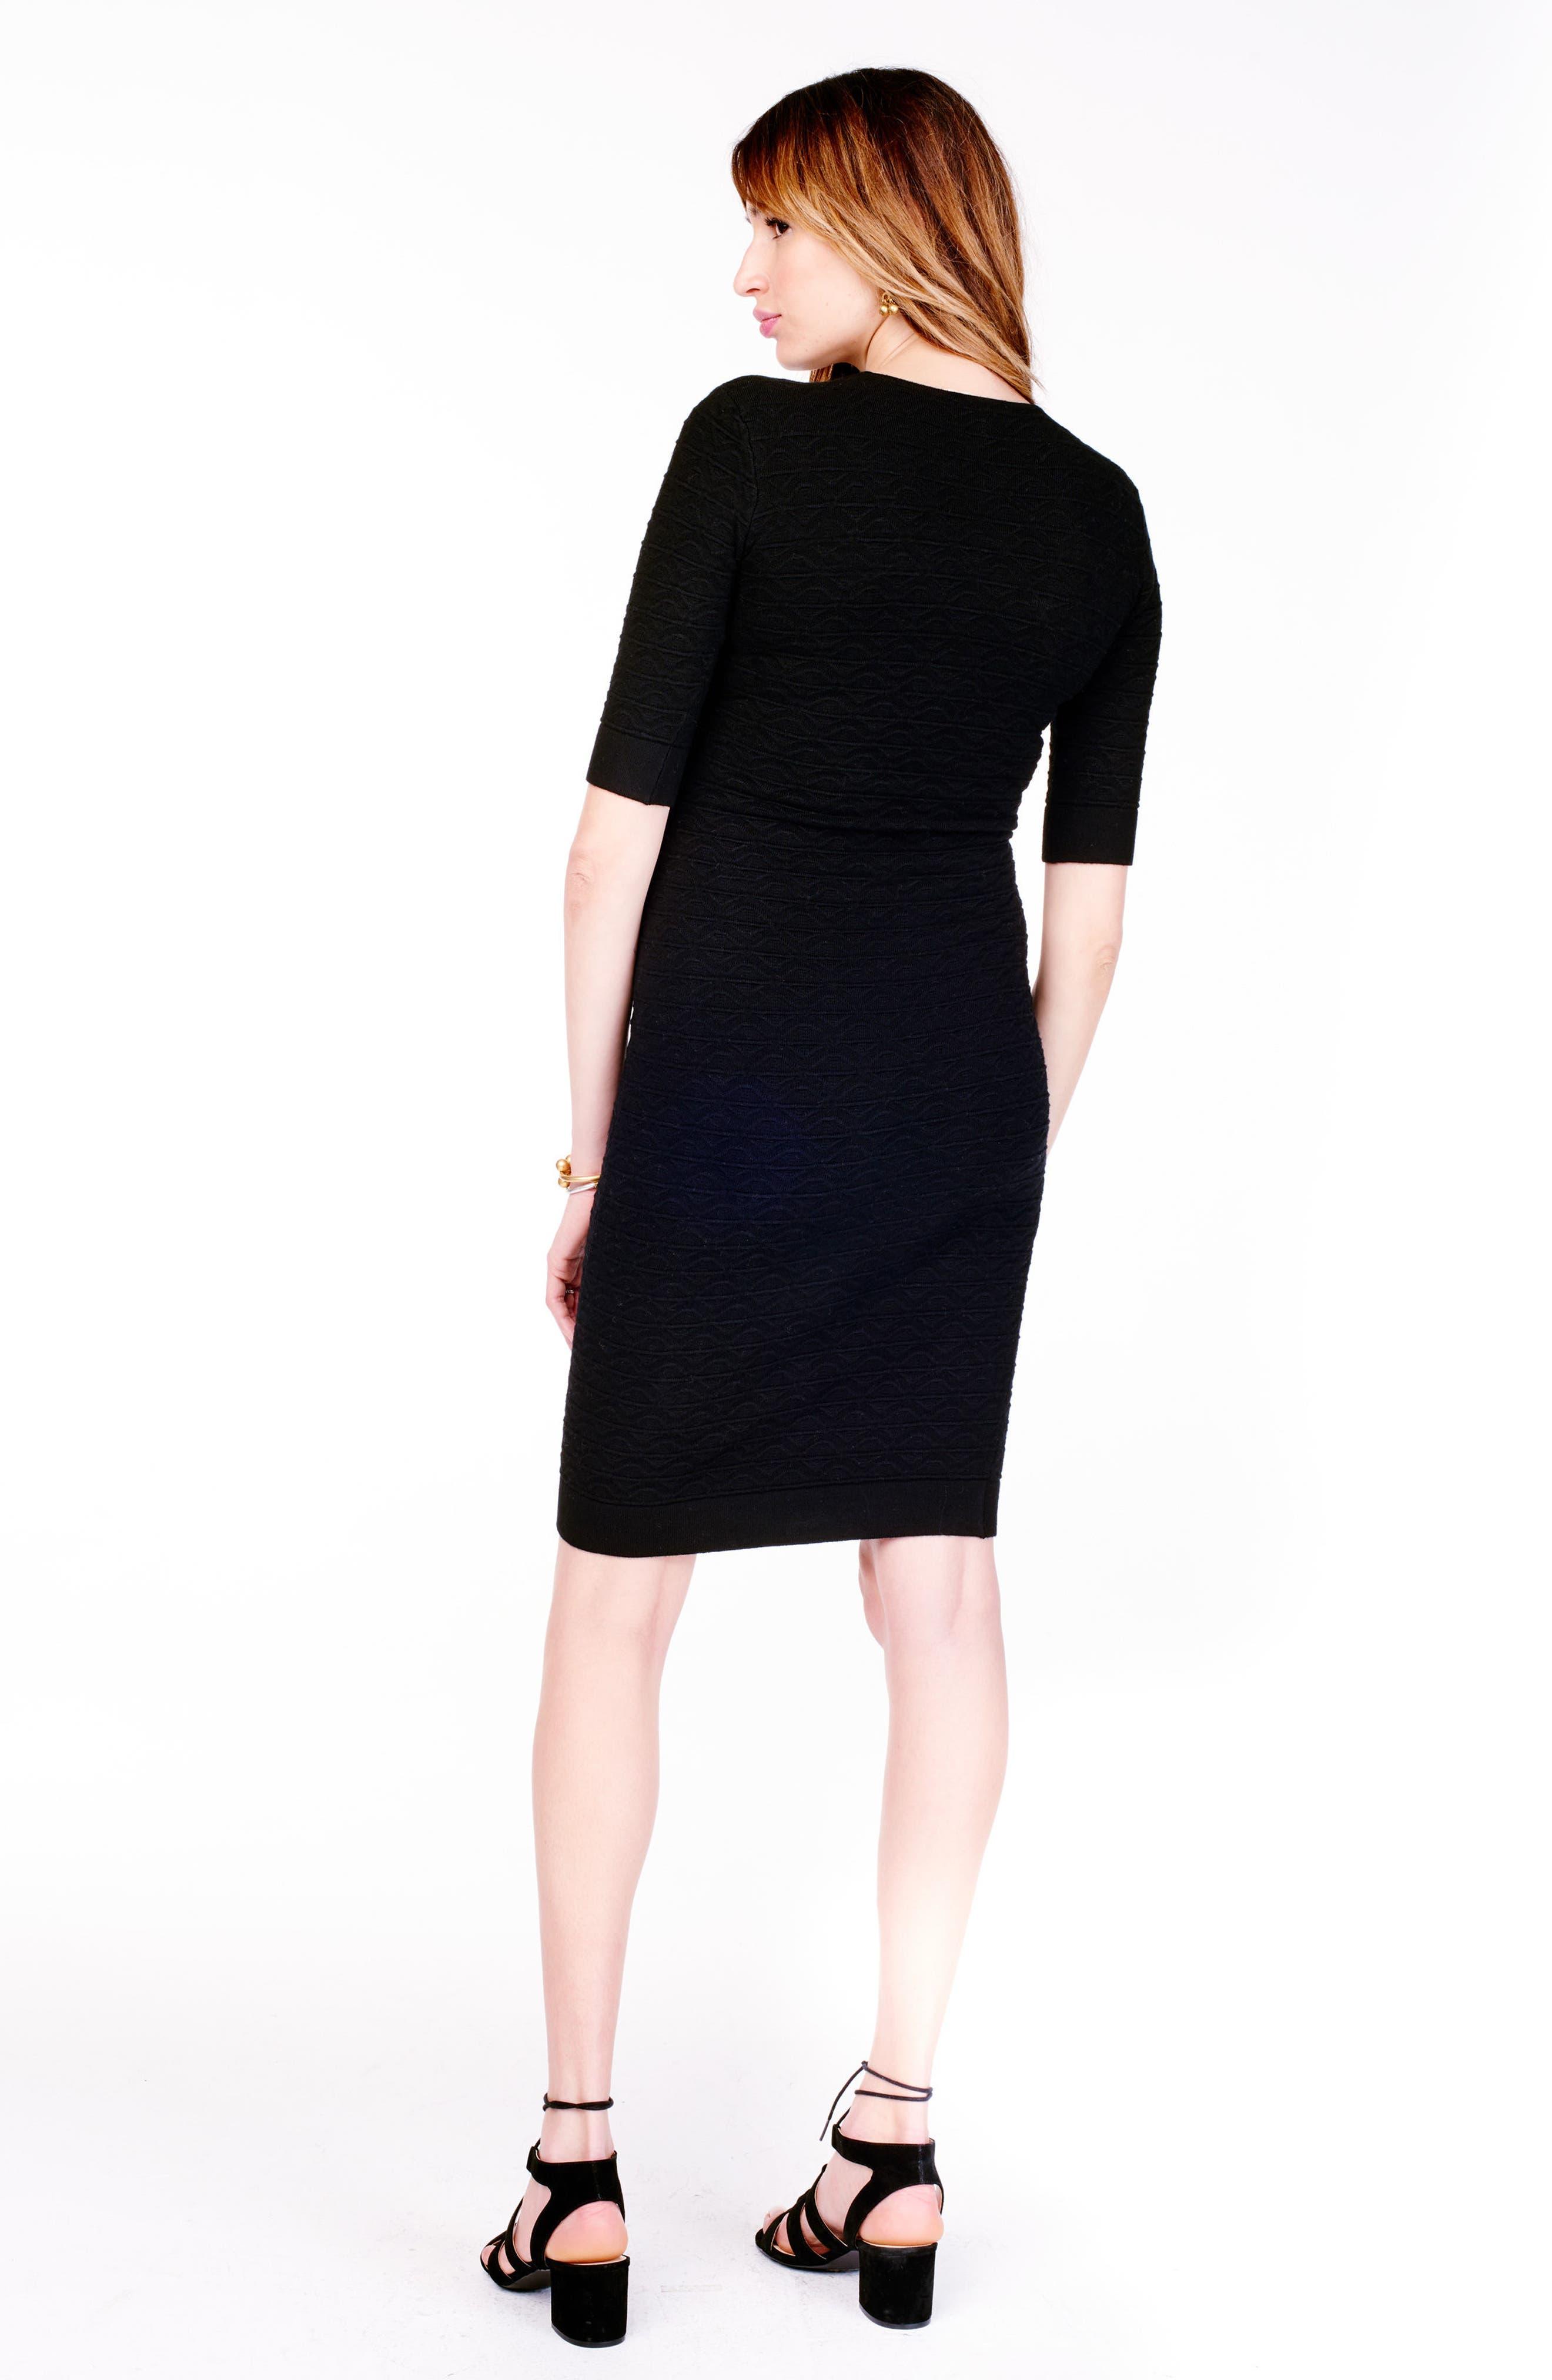 Sweater Knit Maternity Sheath Dress,                             Alternate thumbnail 2, color,                             Jet Black